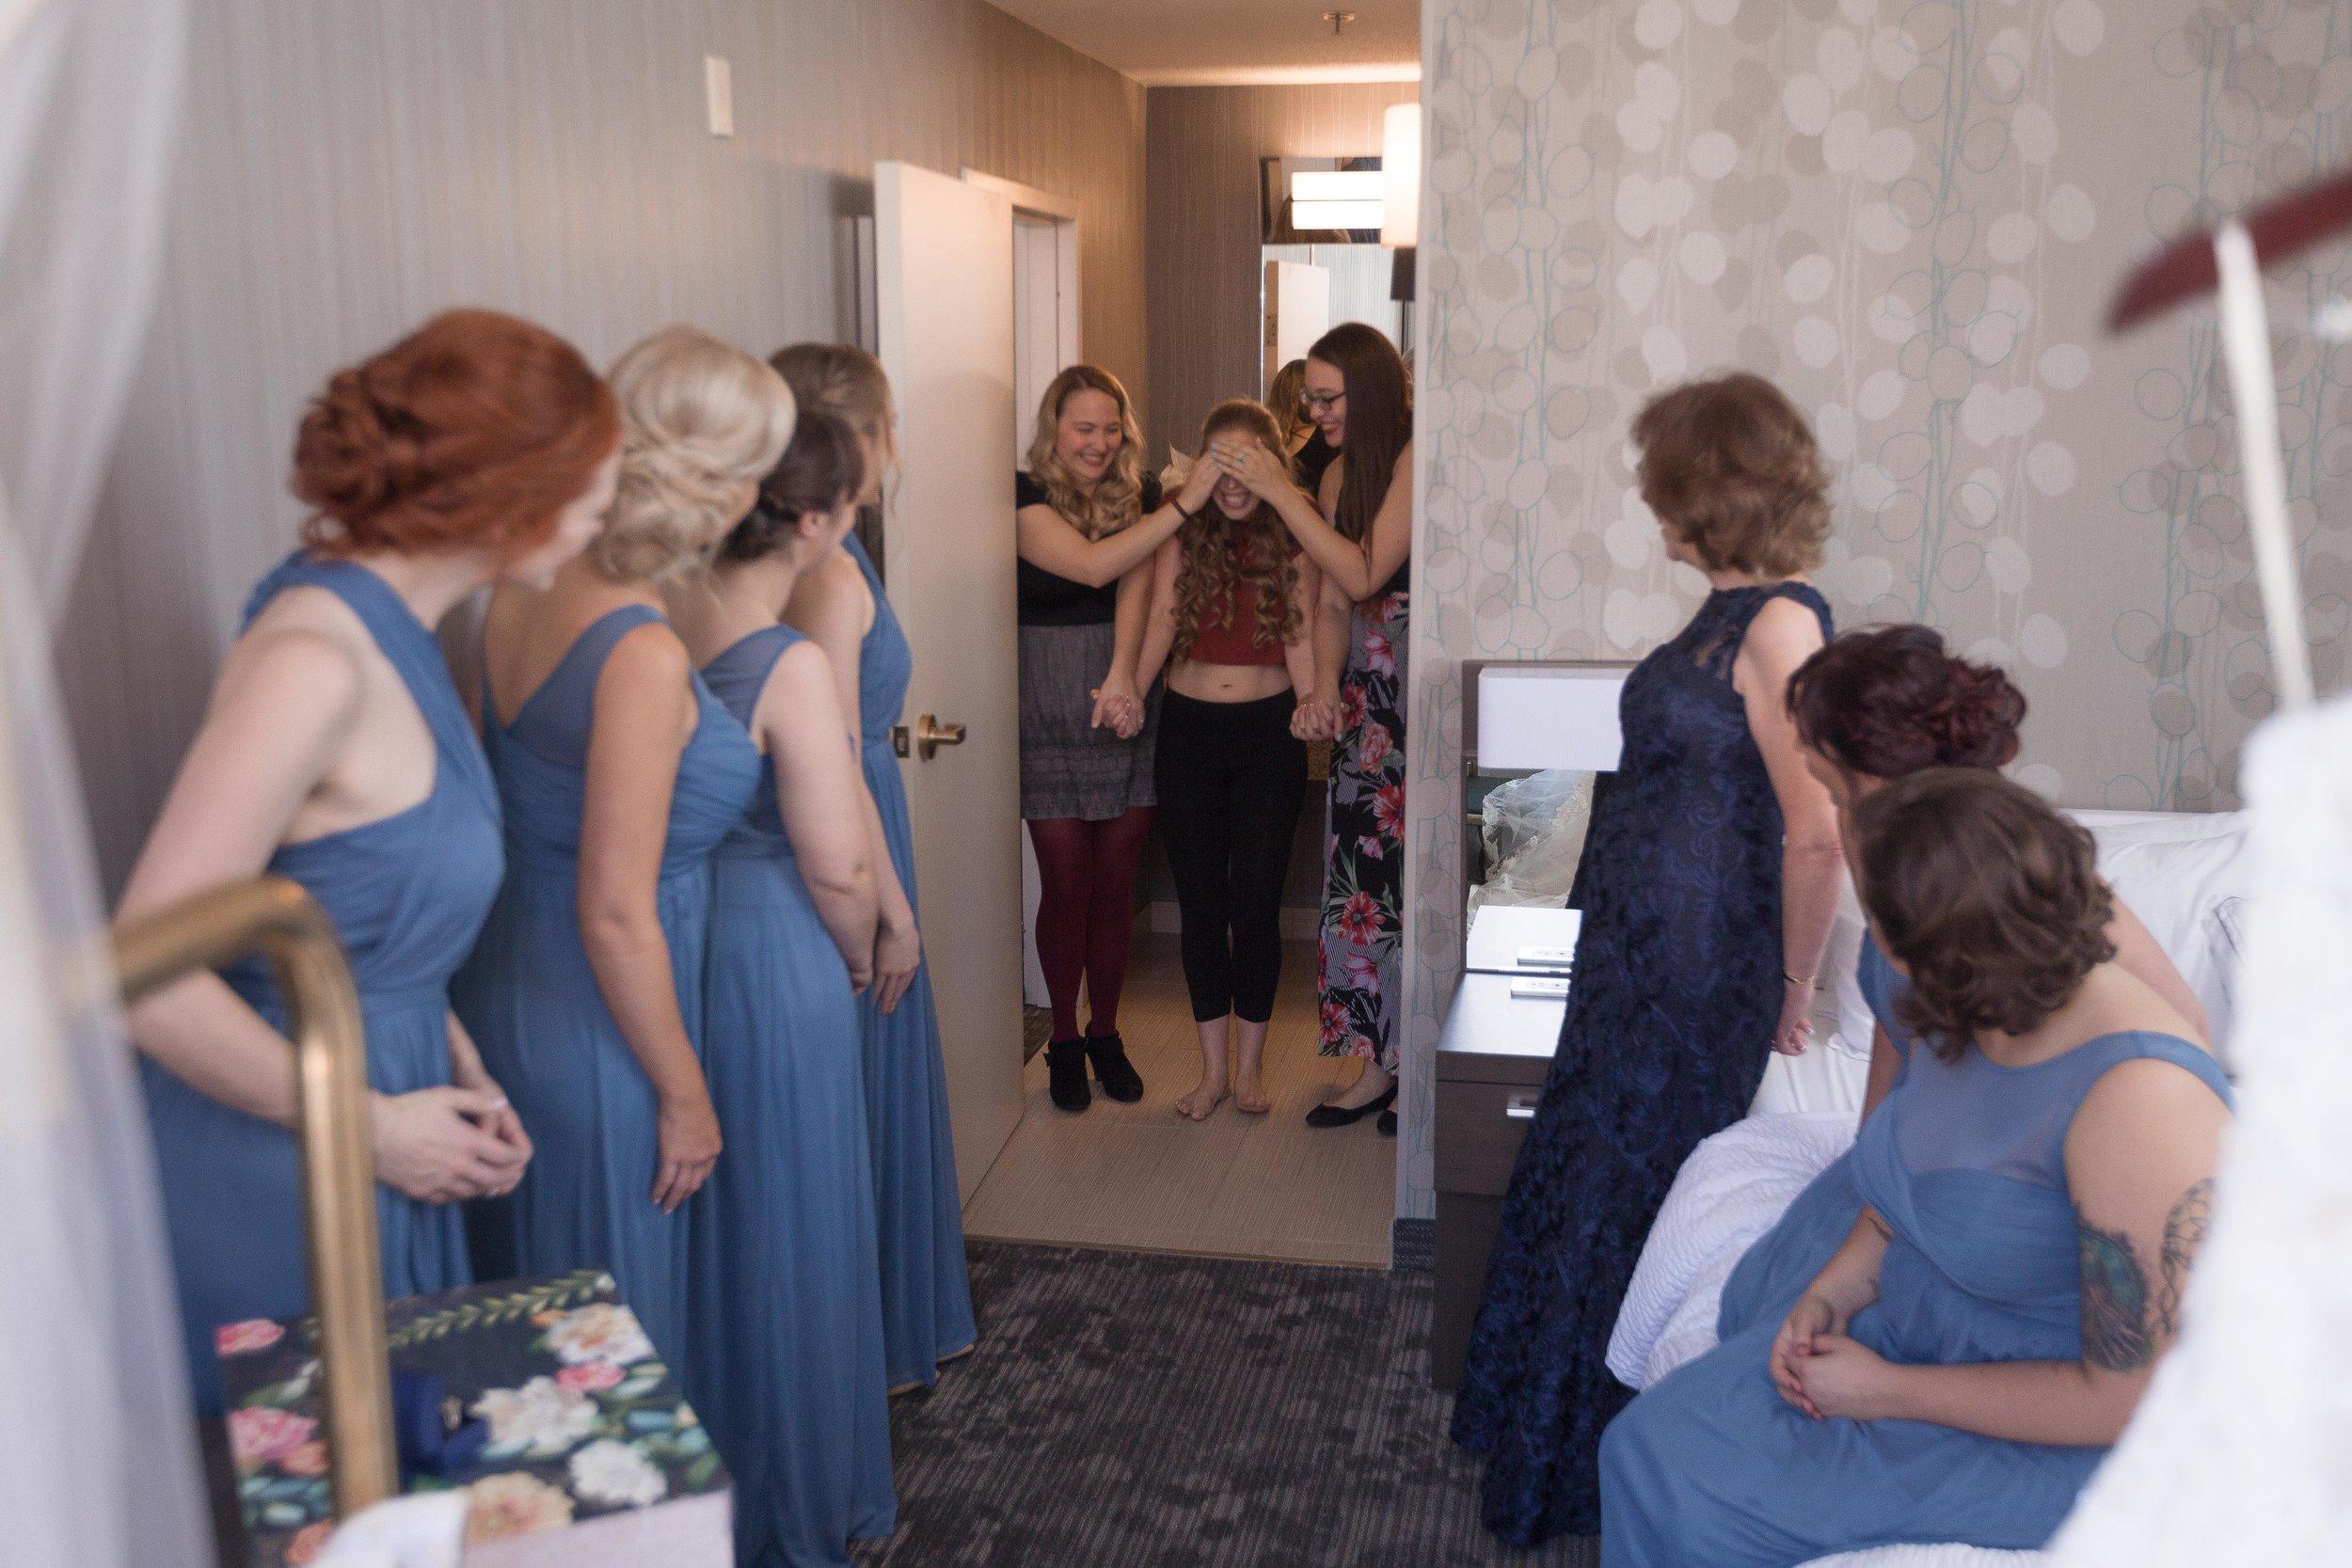 C_Wedding_Spellman, Megan & Tyler_10.27.18-188.JPG